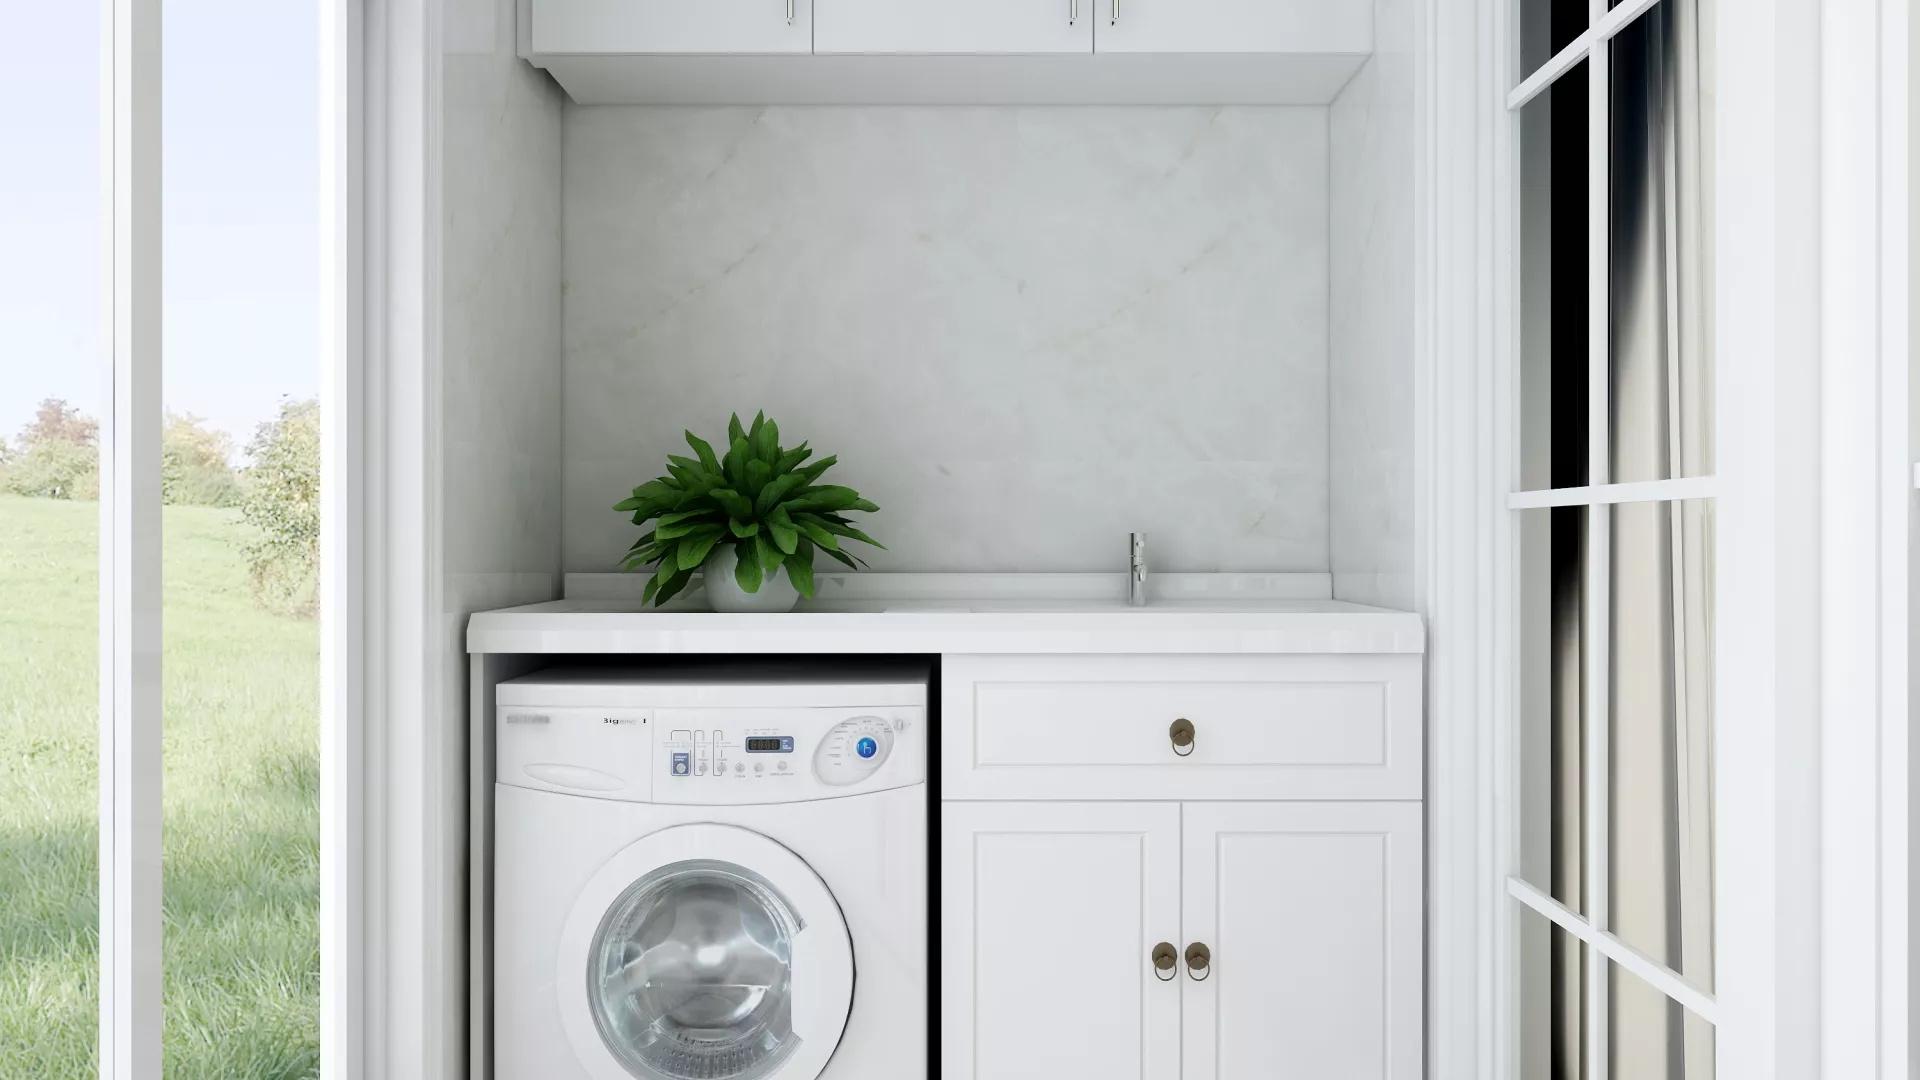 大户型跃层装修现代美式风格家居设计效果图